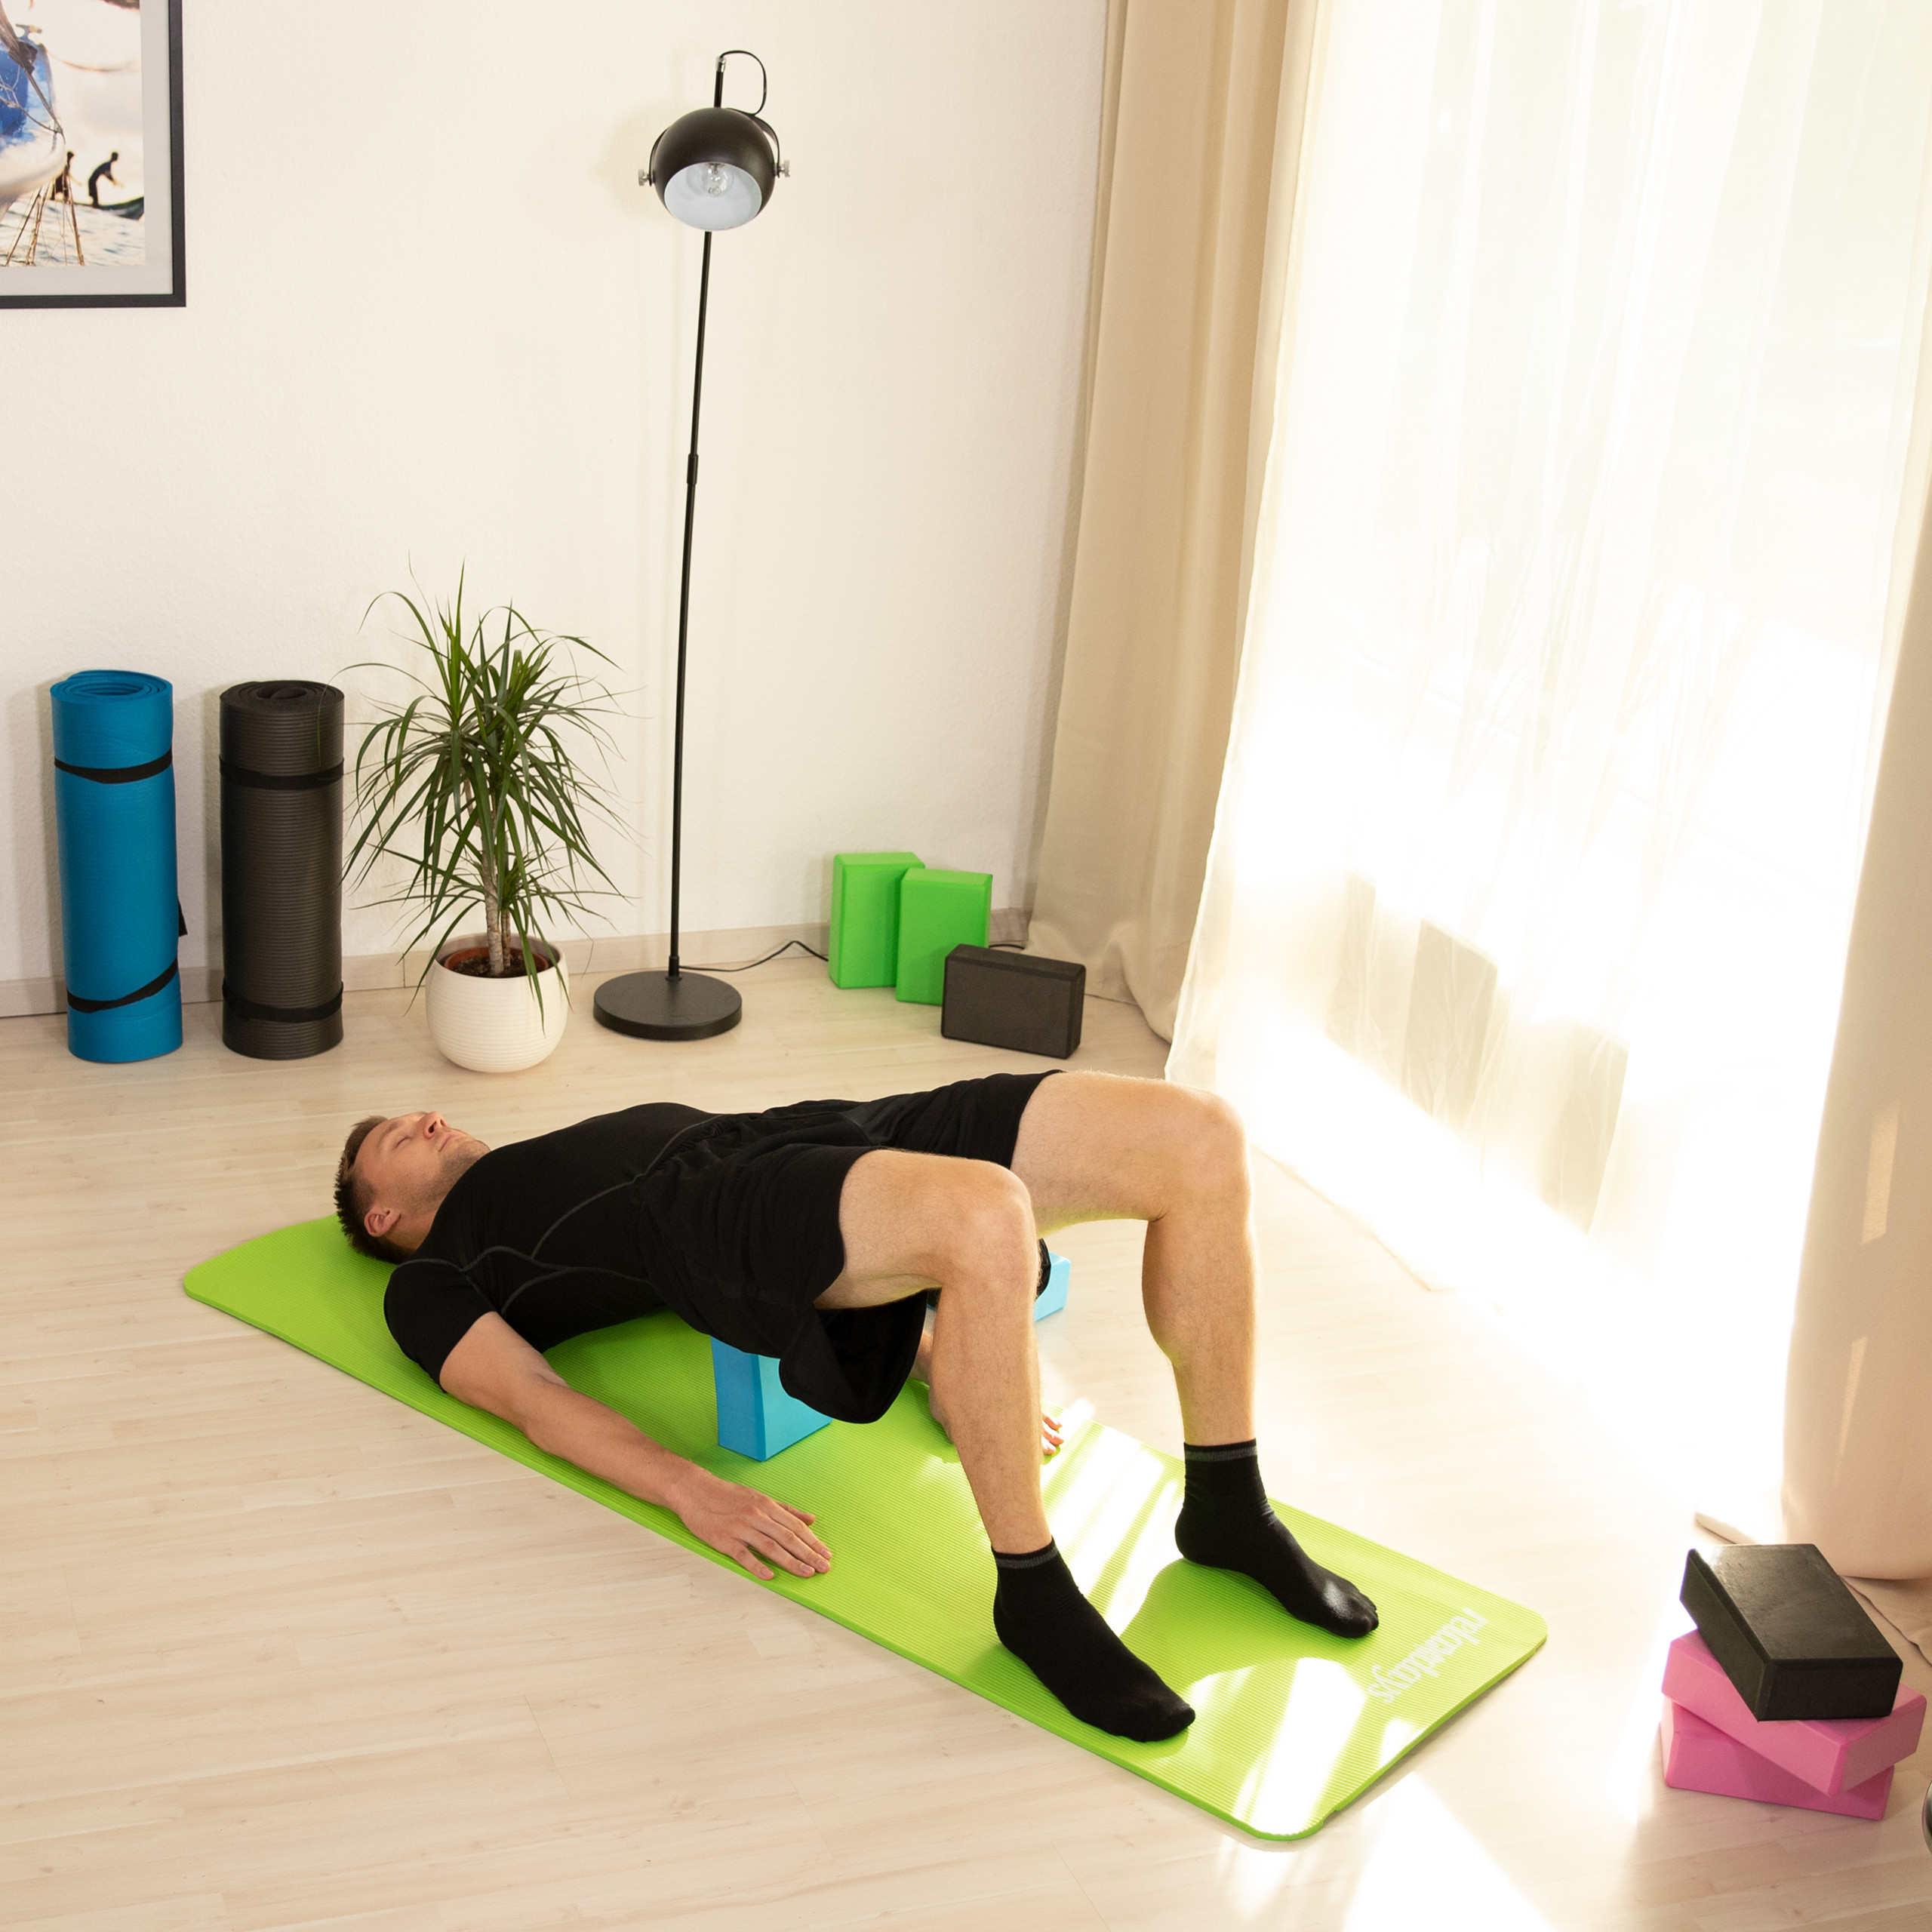 Pack-de-2-bloques-yoga-de-gomaespuma-Tacos-yoga-en-varios-colores-Ladrillos-yoga miniatura 12